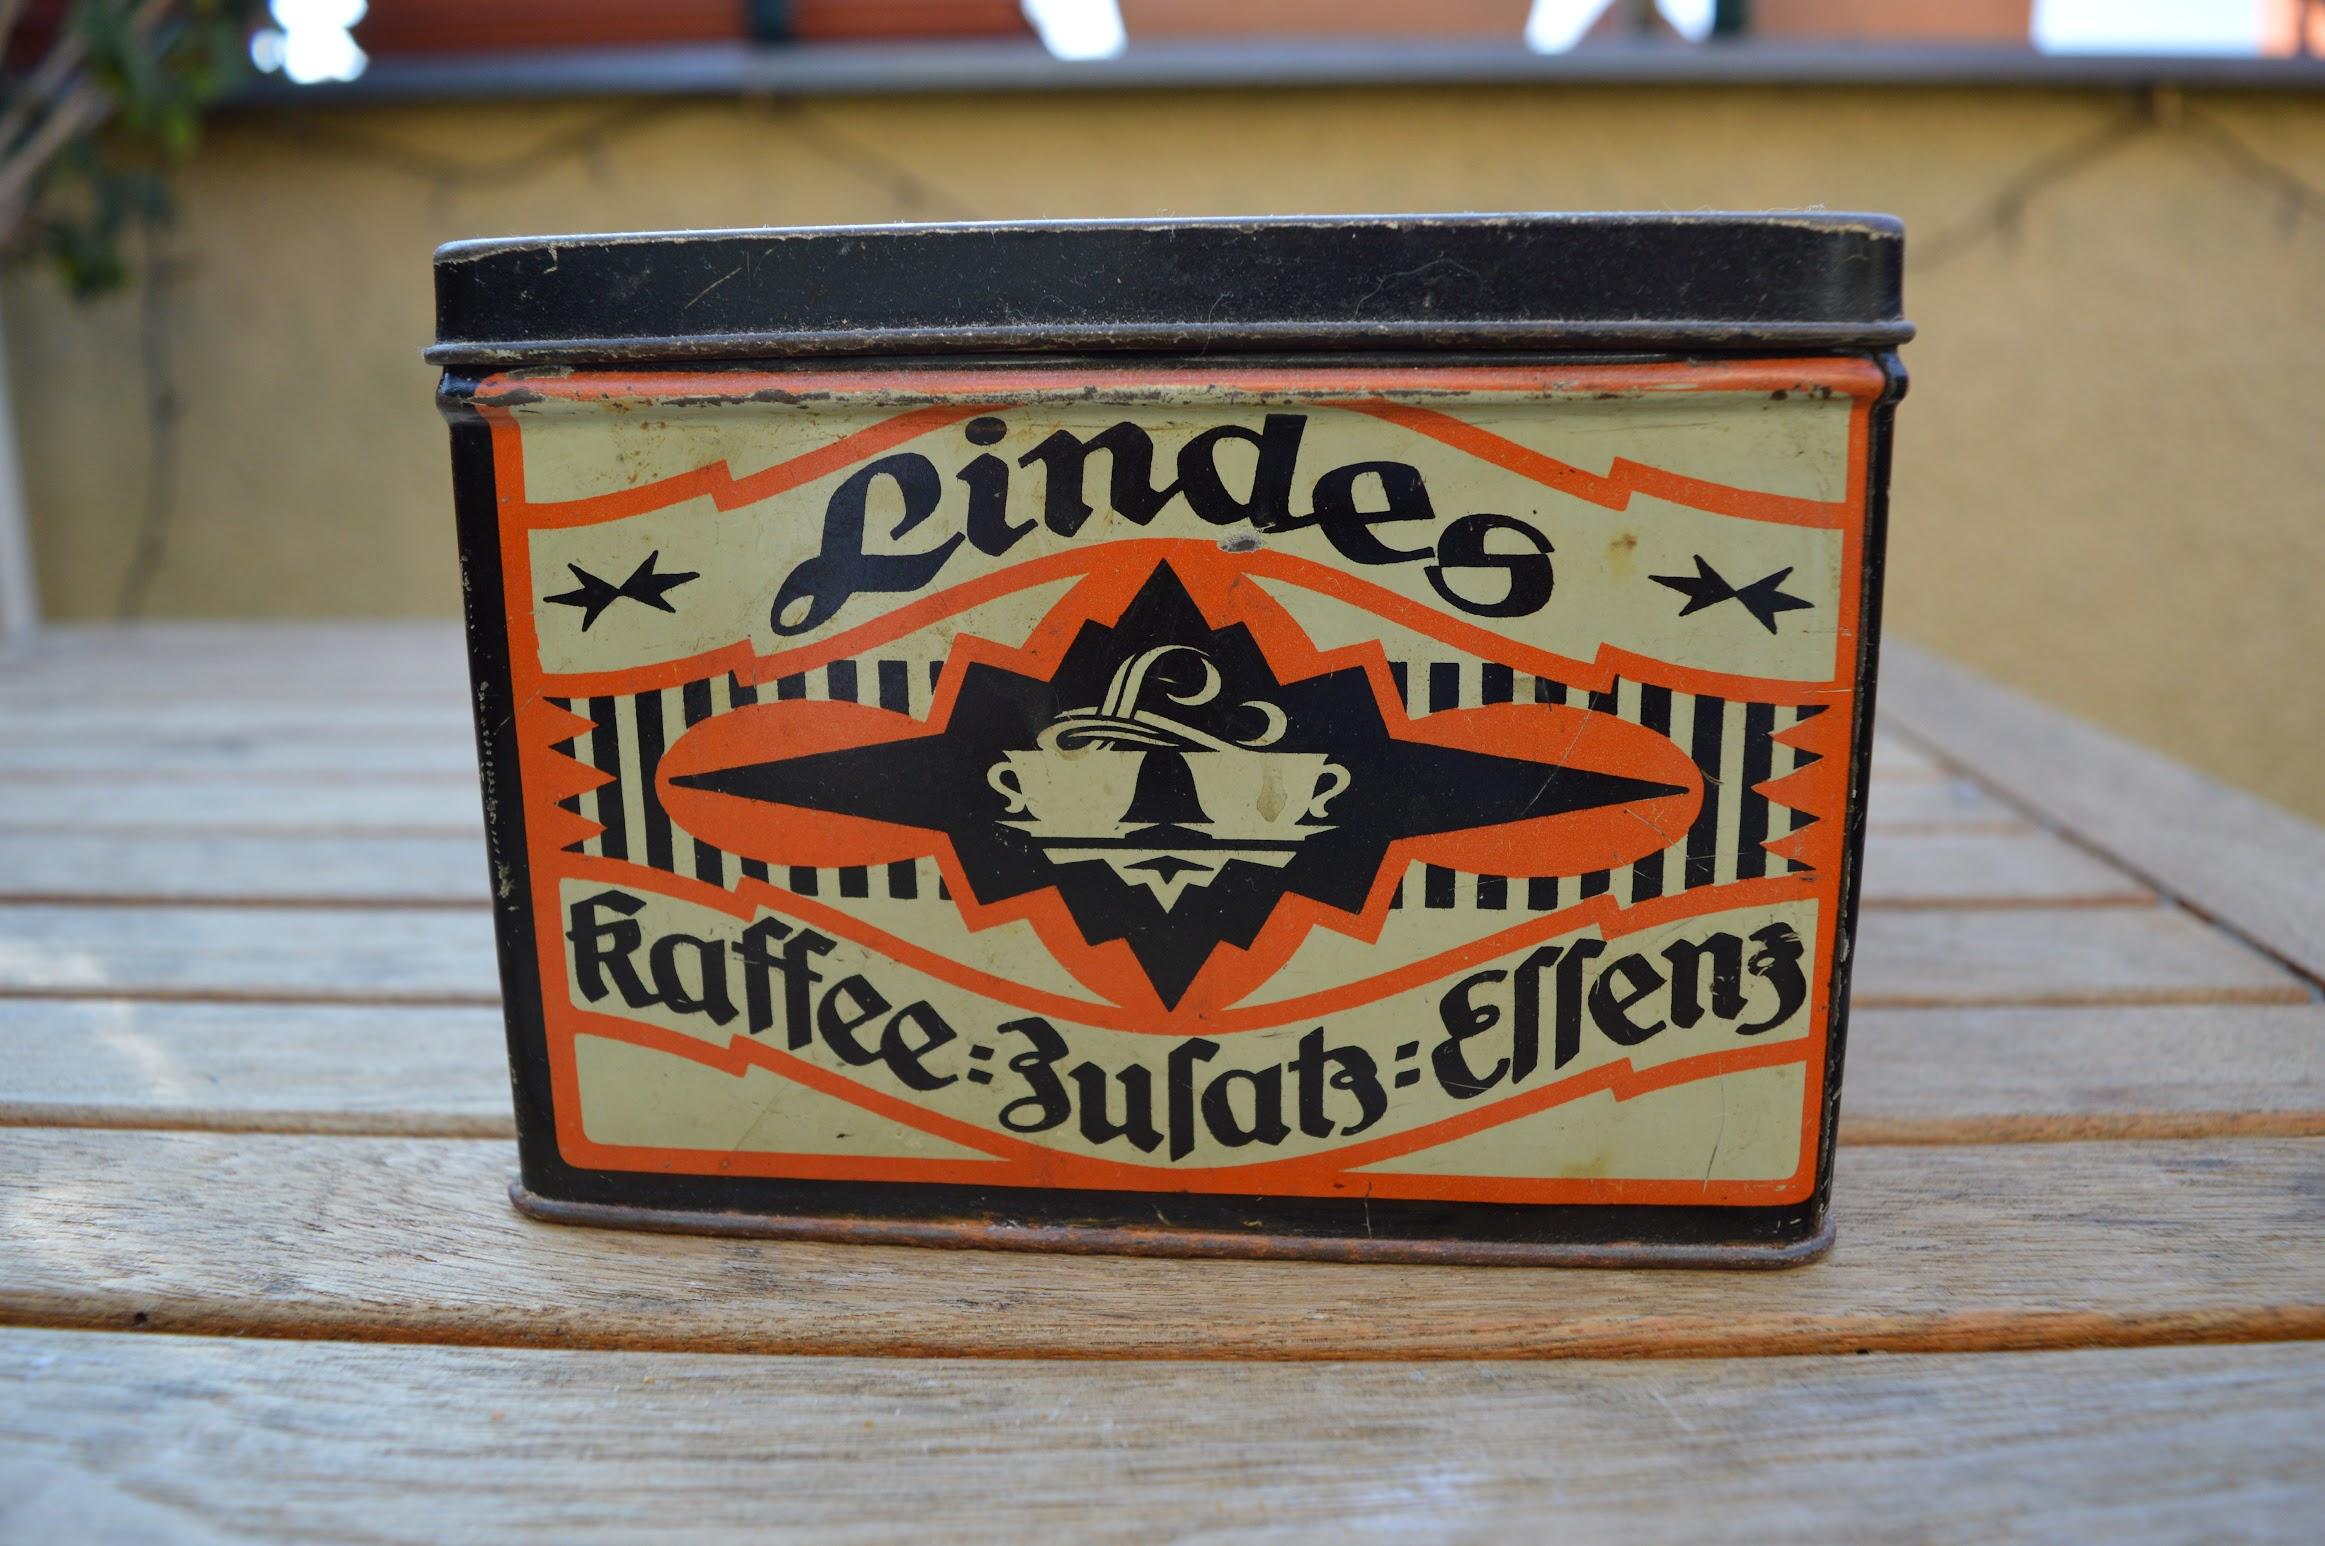 Lindes Kaffee-Zusatz-Essenz